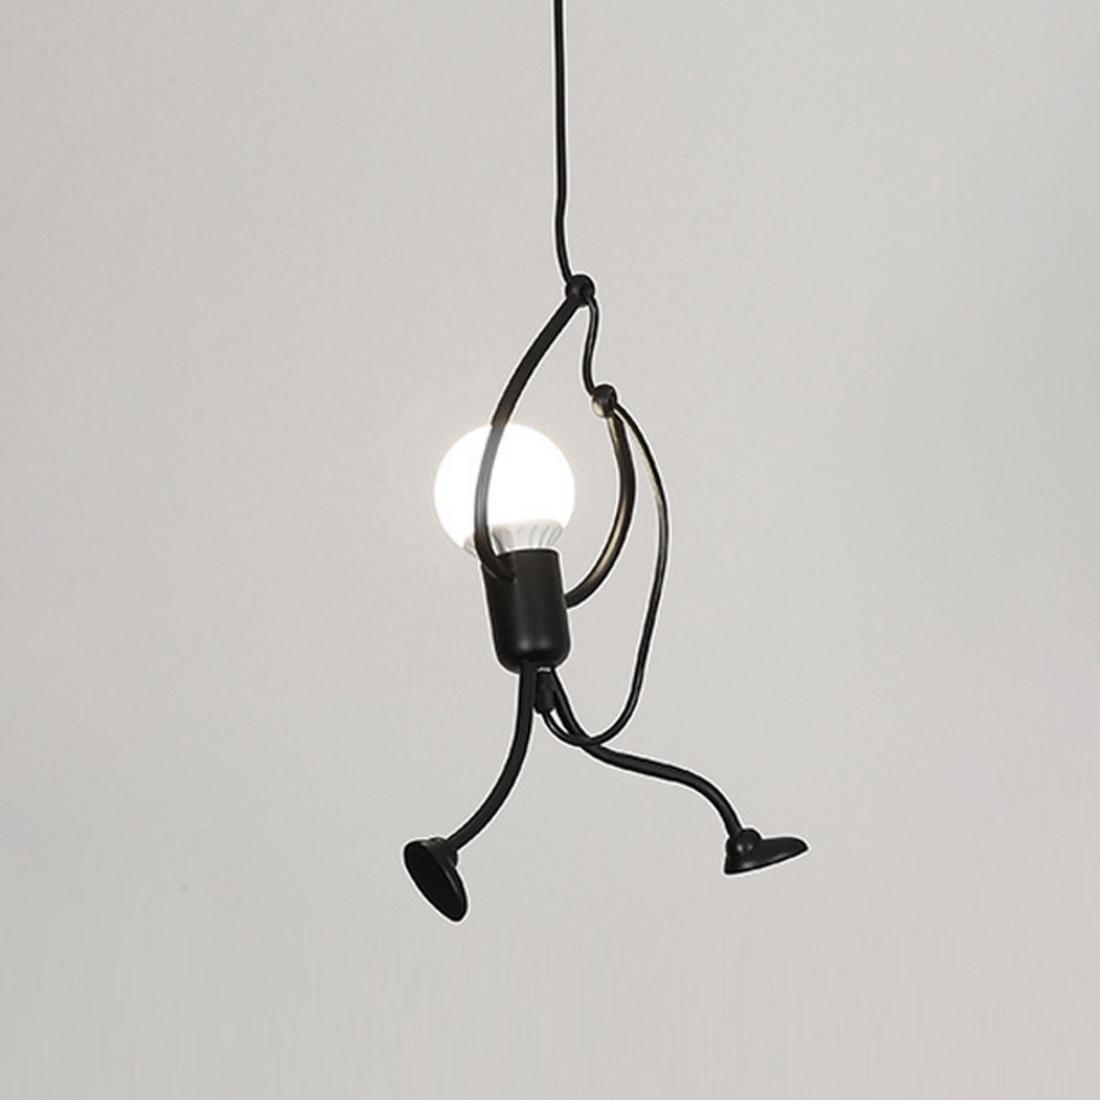 Ywxlight Nordic Modern Pendant Light Black Metal E27 Bulb Villain Modeling Led Lamp Restaurant Bedroom Living Room Cold White Alexnld Com